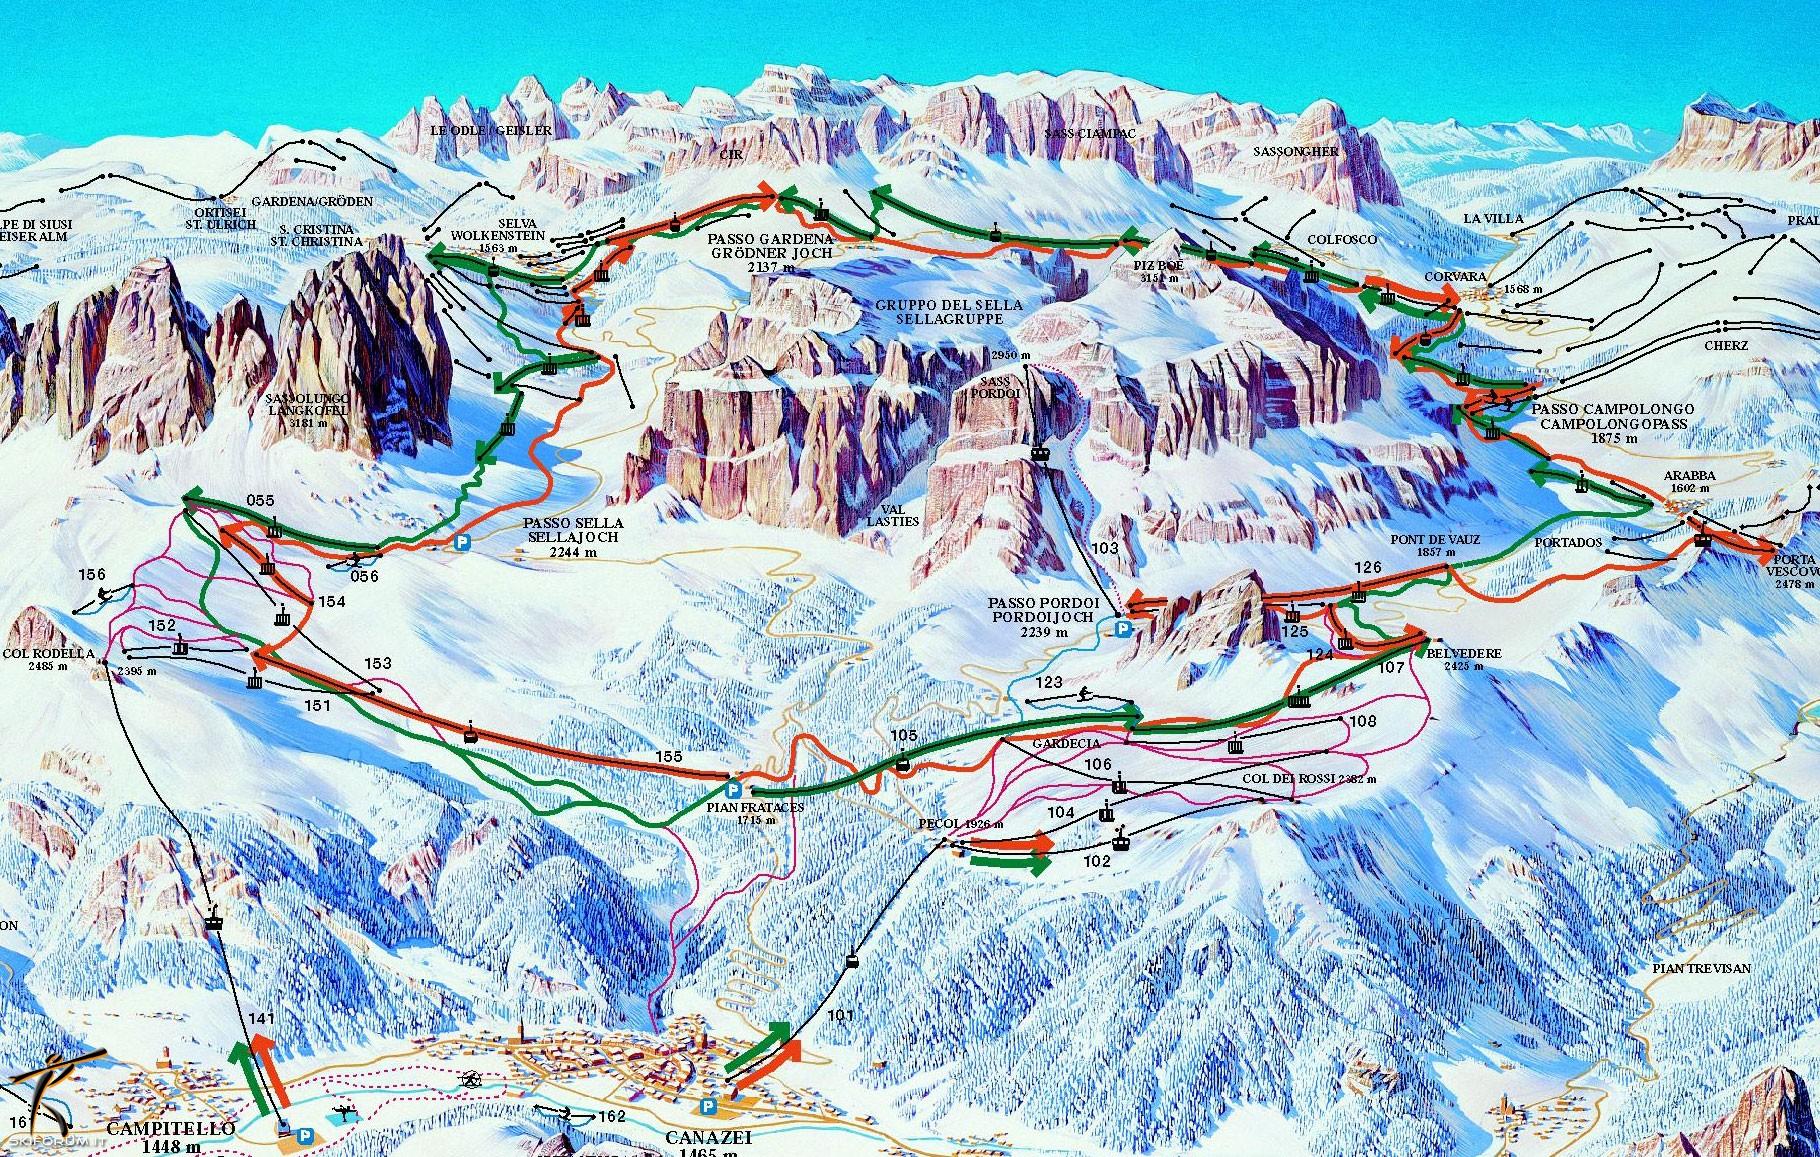 Cartina Dolomiti Superski.Dolomiti Superski Sellaronda Skimap Skimaps